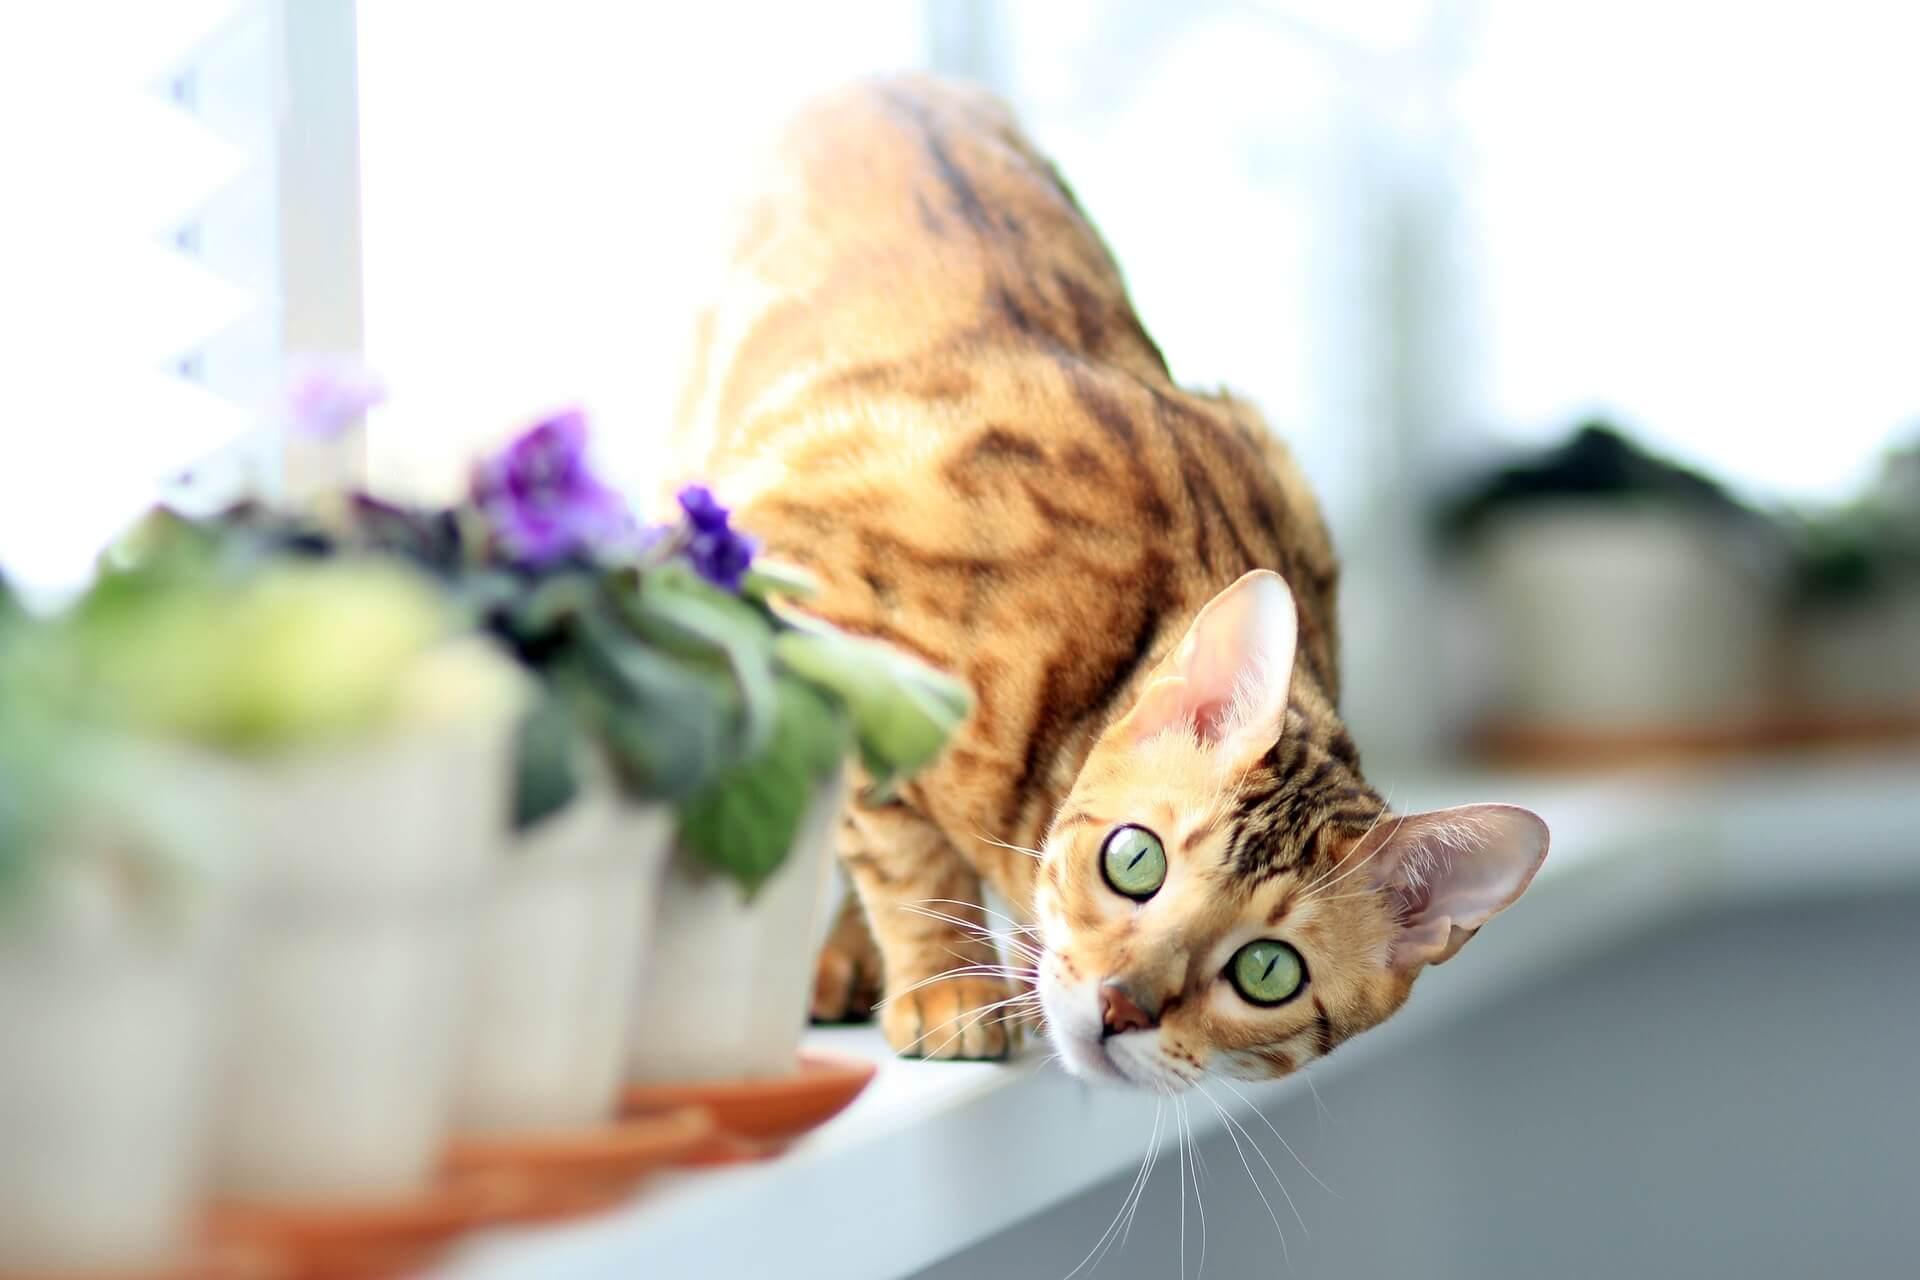 هل تهتم القطط في حال تخليك عنها - المشكلات المرتبطة بانفصال القطط المنزلية الأليفة عن أصحابها - المشكلات المرتبطة بالانفصال عند القطط